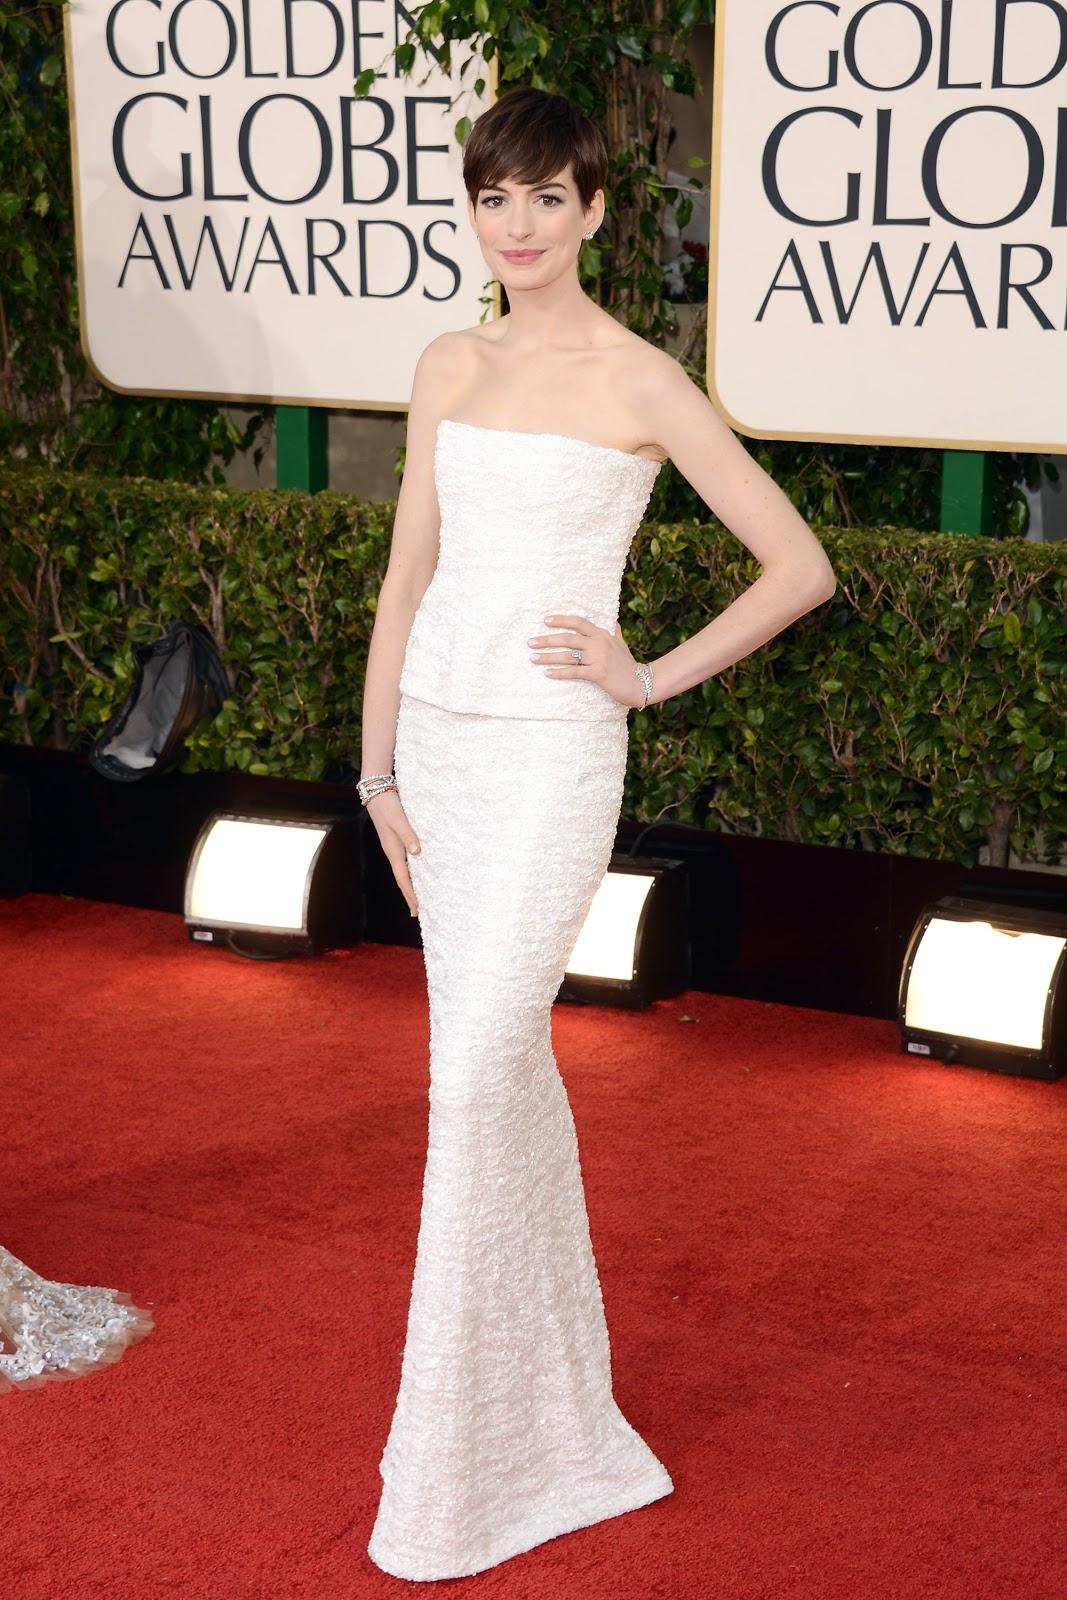 Bước lên thảm đỏ Quả Cầu Vàng 2013, Anne đầy tự tin với vị thế của ứng cử viên nặng ký nhất mùa giải thưởng. Mái tóc bị cắt ngắn đến thô bạo sau khi vào vai Fantine trong bộ phim nhạc kịch Les Misérables (Những Người Khốn Khổ) không làm giảm đi vẻ đẹp tự nhiên của nữ minh tinh 8x. Đầm trắng tinh khôi Anne vận thuộc bộ sưu tập của Chanel cũng được bình chọn là một trong những trang phục ấn tượng nhất thảm đỏ năm đó. Ảnh: Jason Merritt